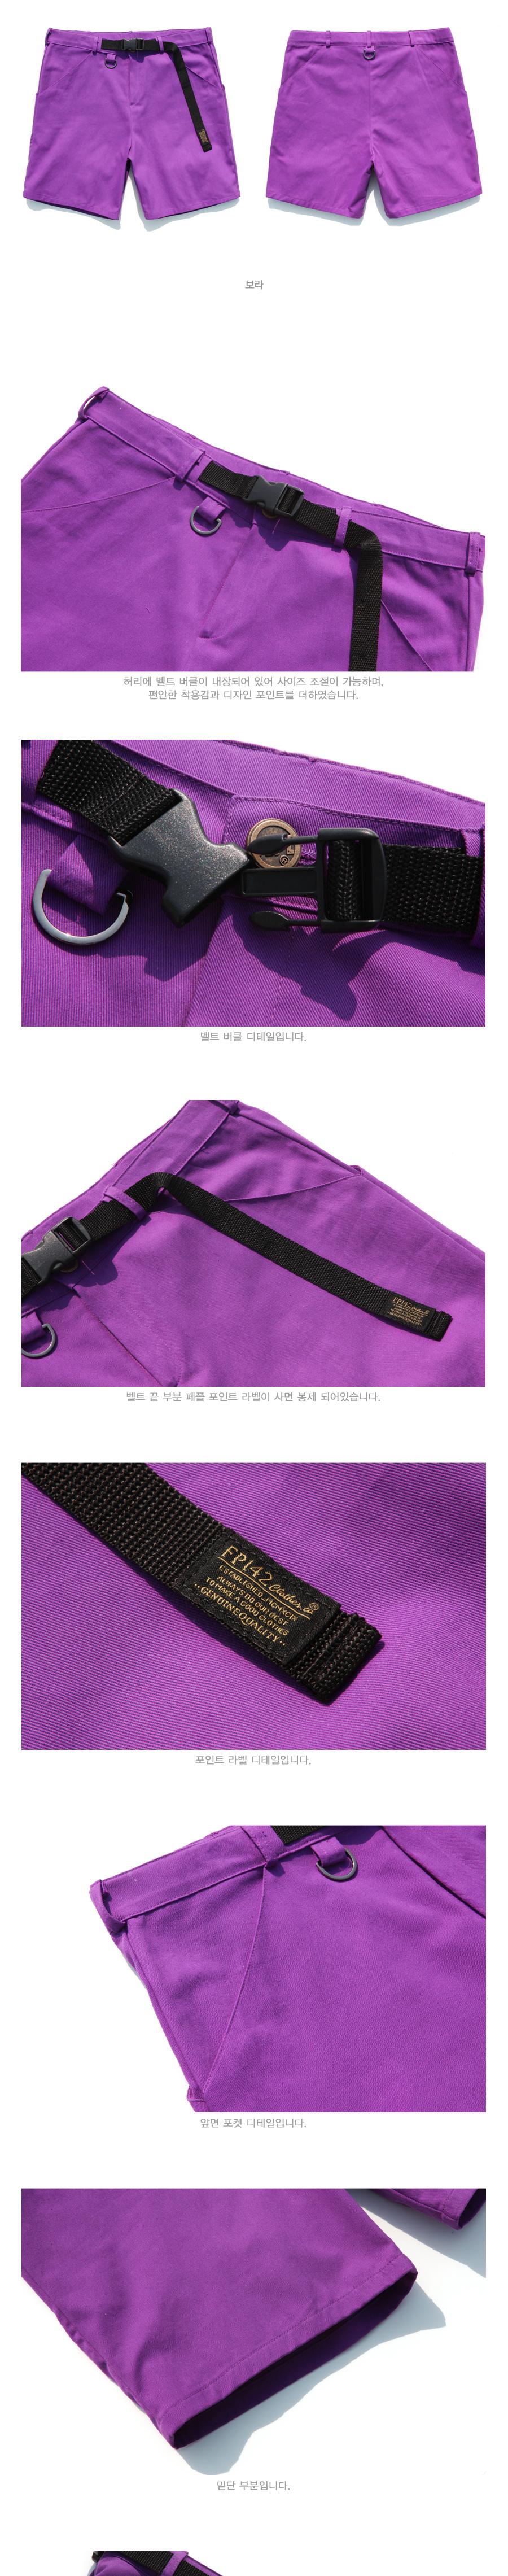 20180423_fp_outlook_detail_purple_uk_01.jpg